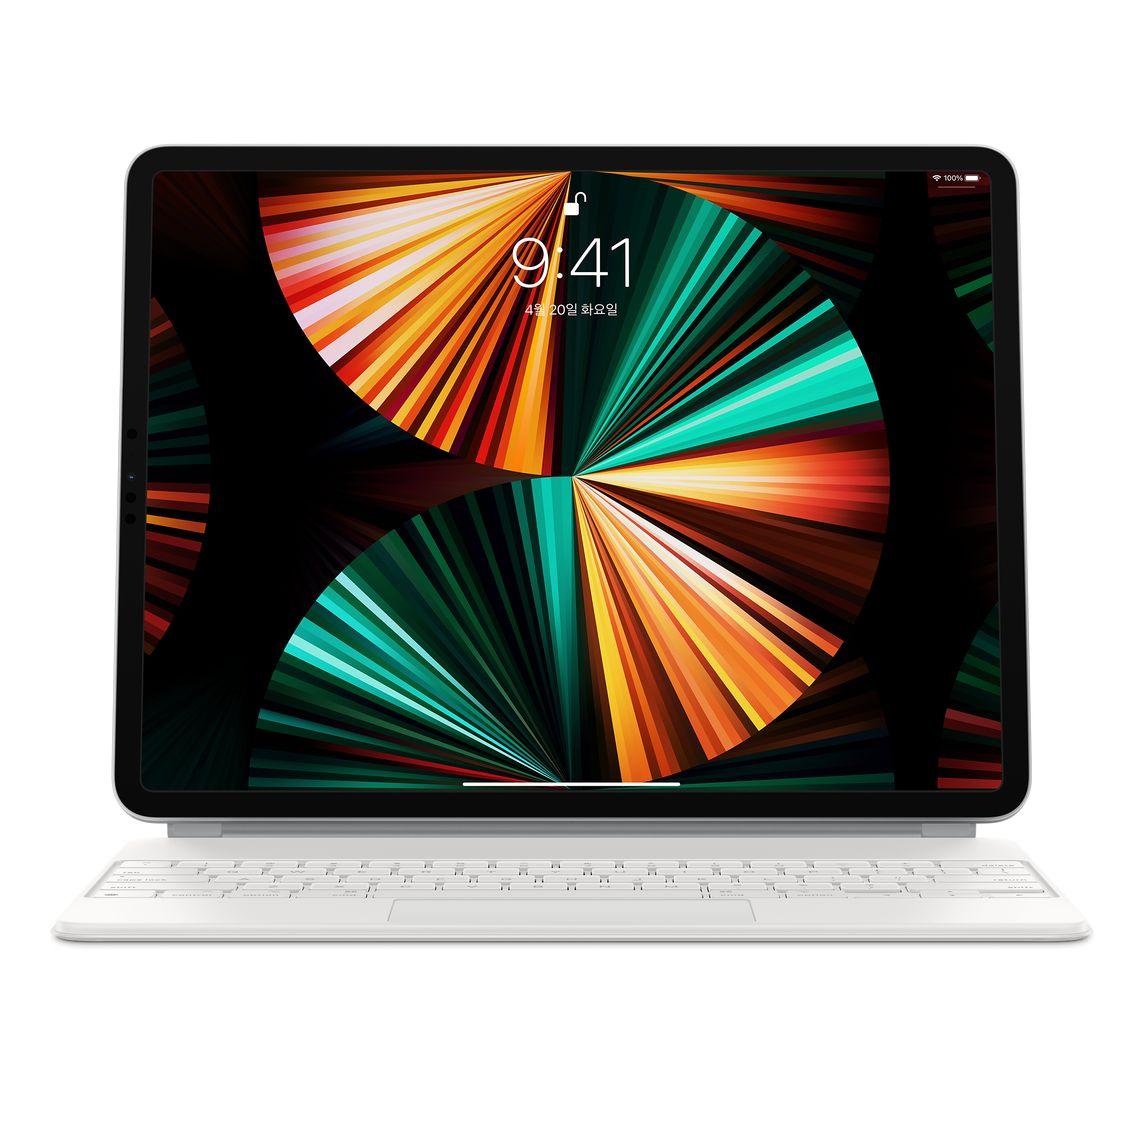 Apple 정품 매직 키보드 iPad Pro 12.9 5세대, 화이트, 한국어